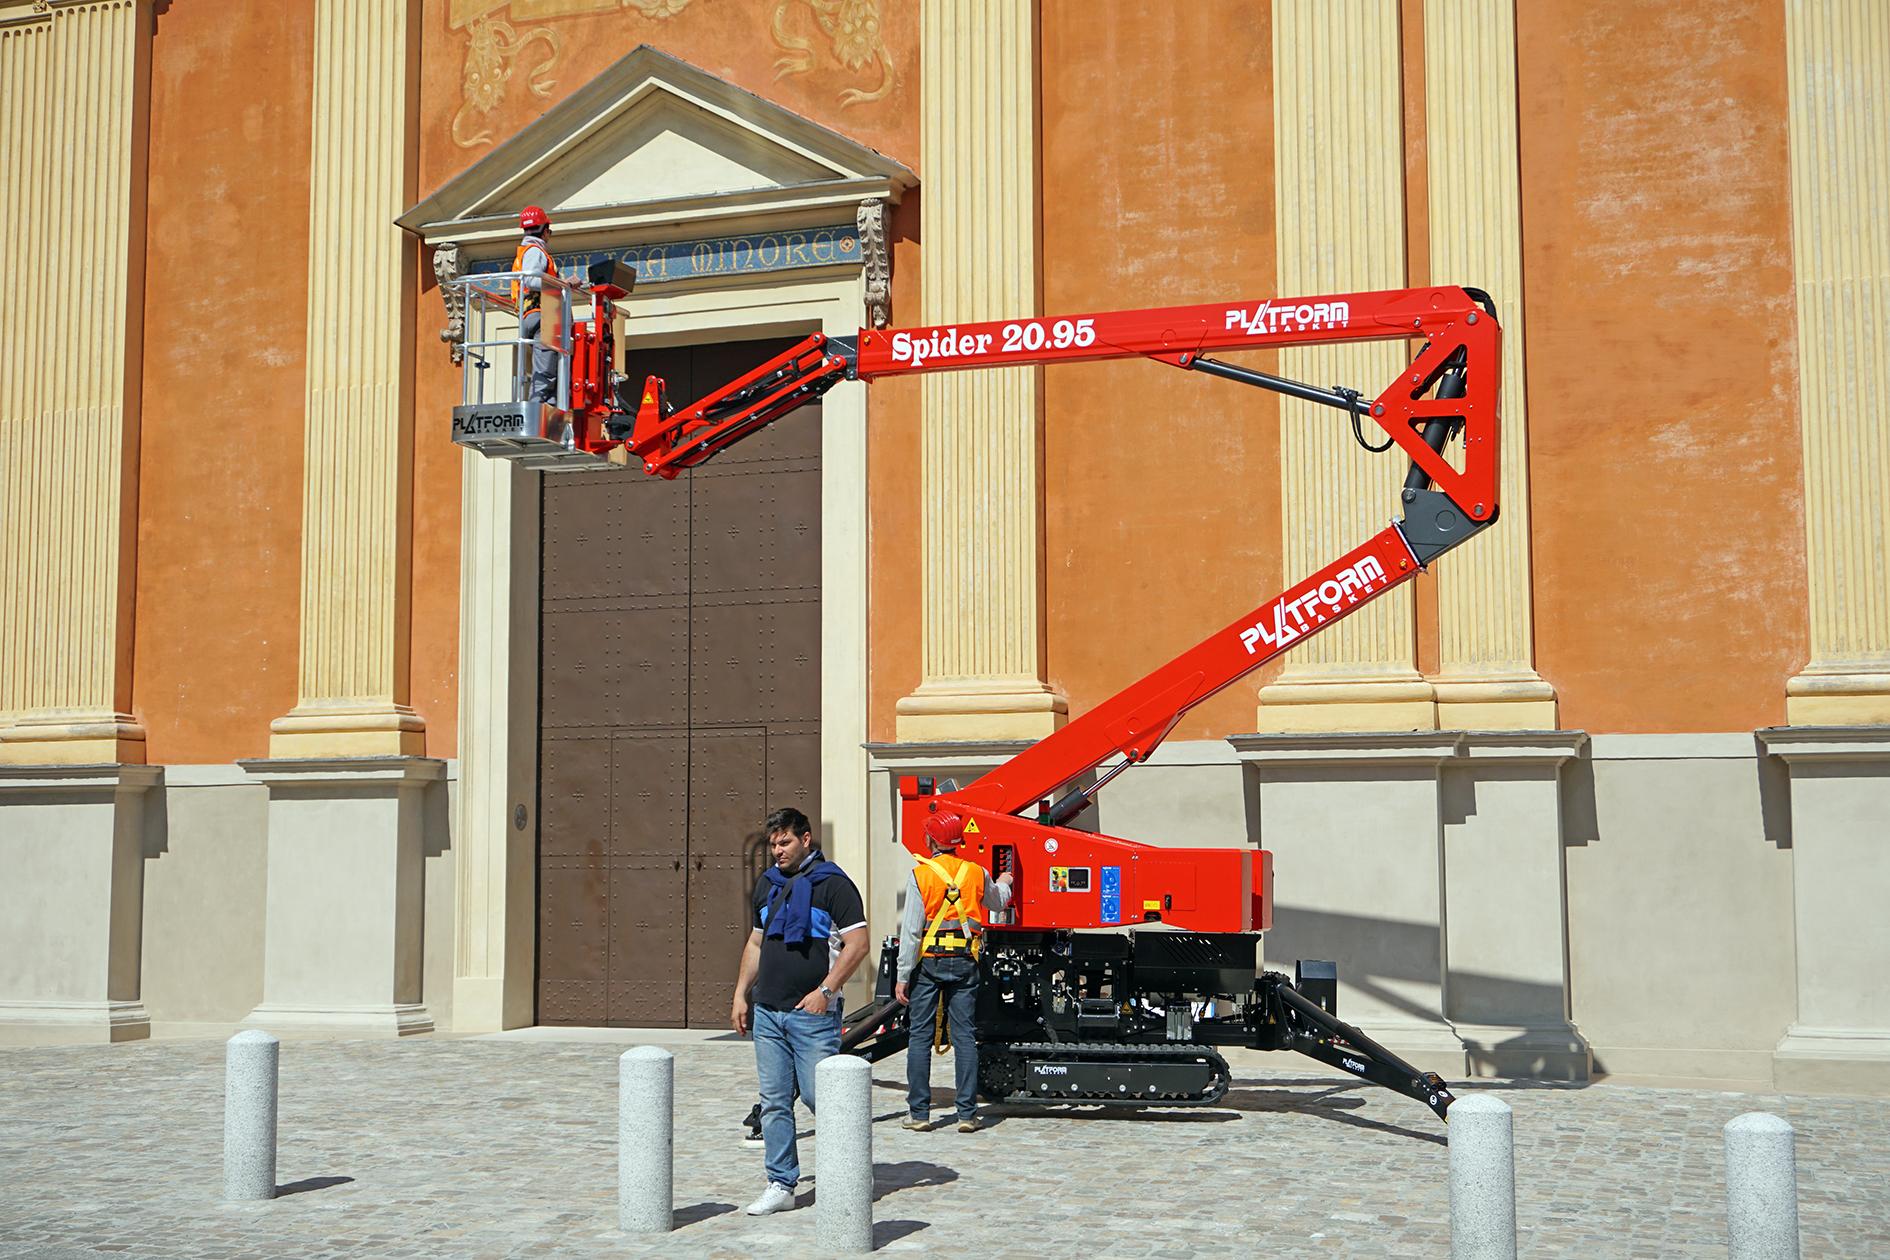 Platform Basket Spider 20.95 med en arbetshöjd på 17,60 meter under arbete i hemlandet Italien. Nu har Scantruck ensamrätt på liftarna i både Sverige och Danmark.